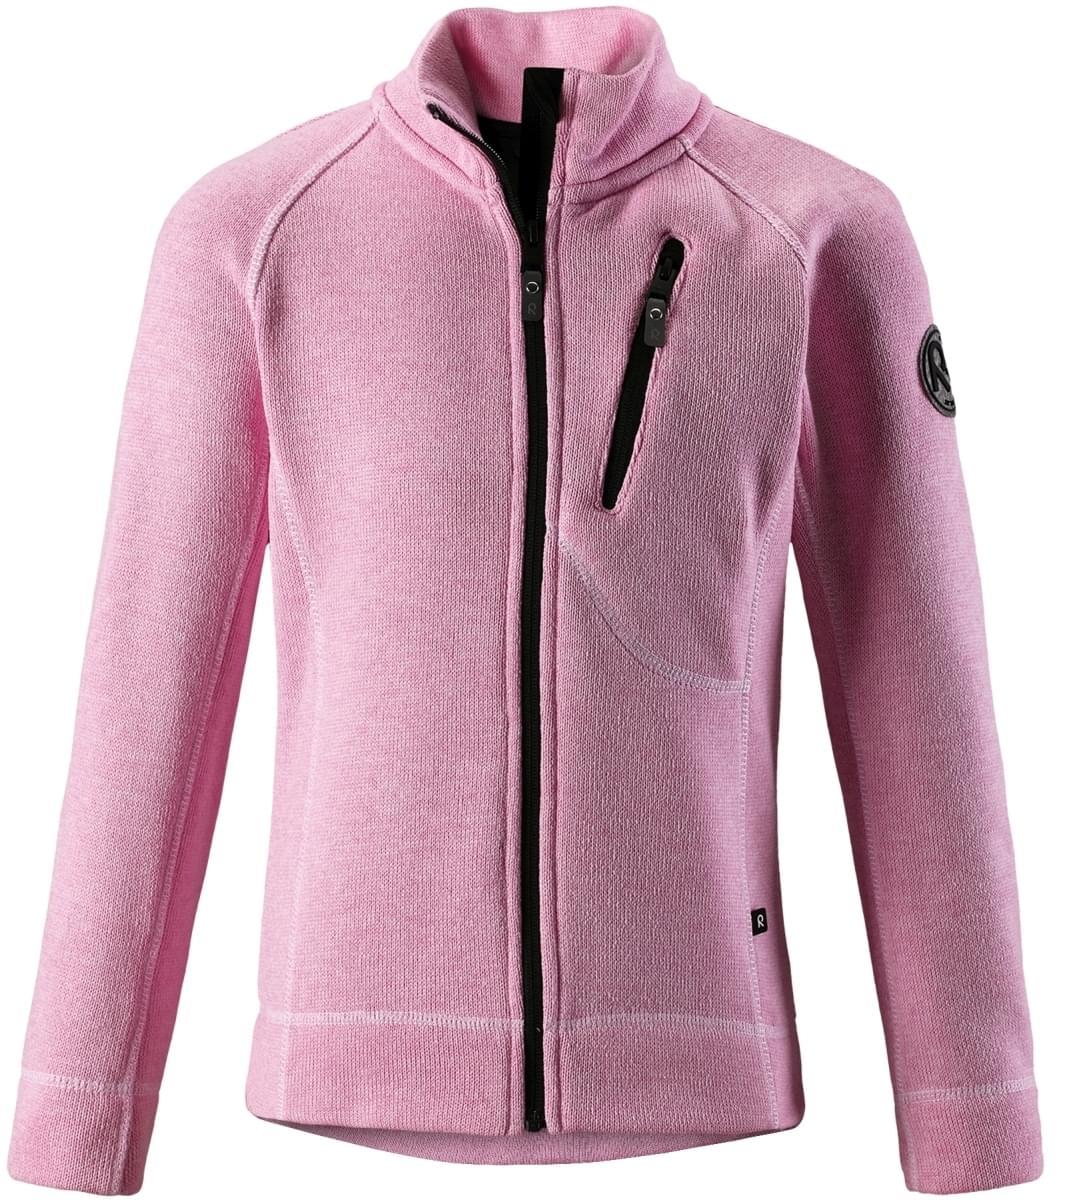 93fd9627991 Dětská fleecová mikina Reima Liina - Candy pink - Ski a Bike Centrum ...